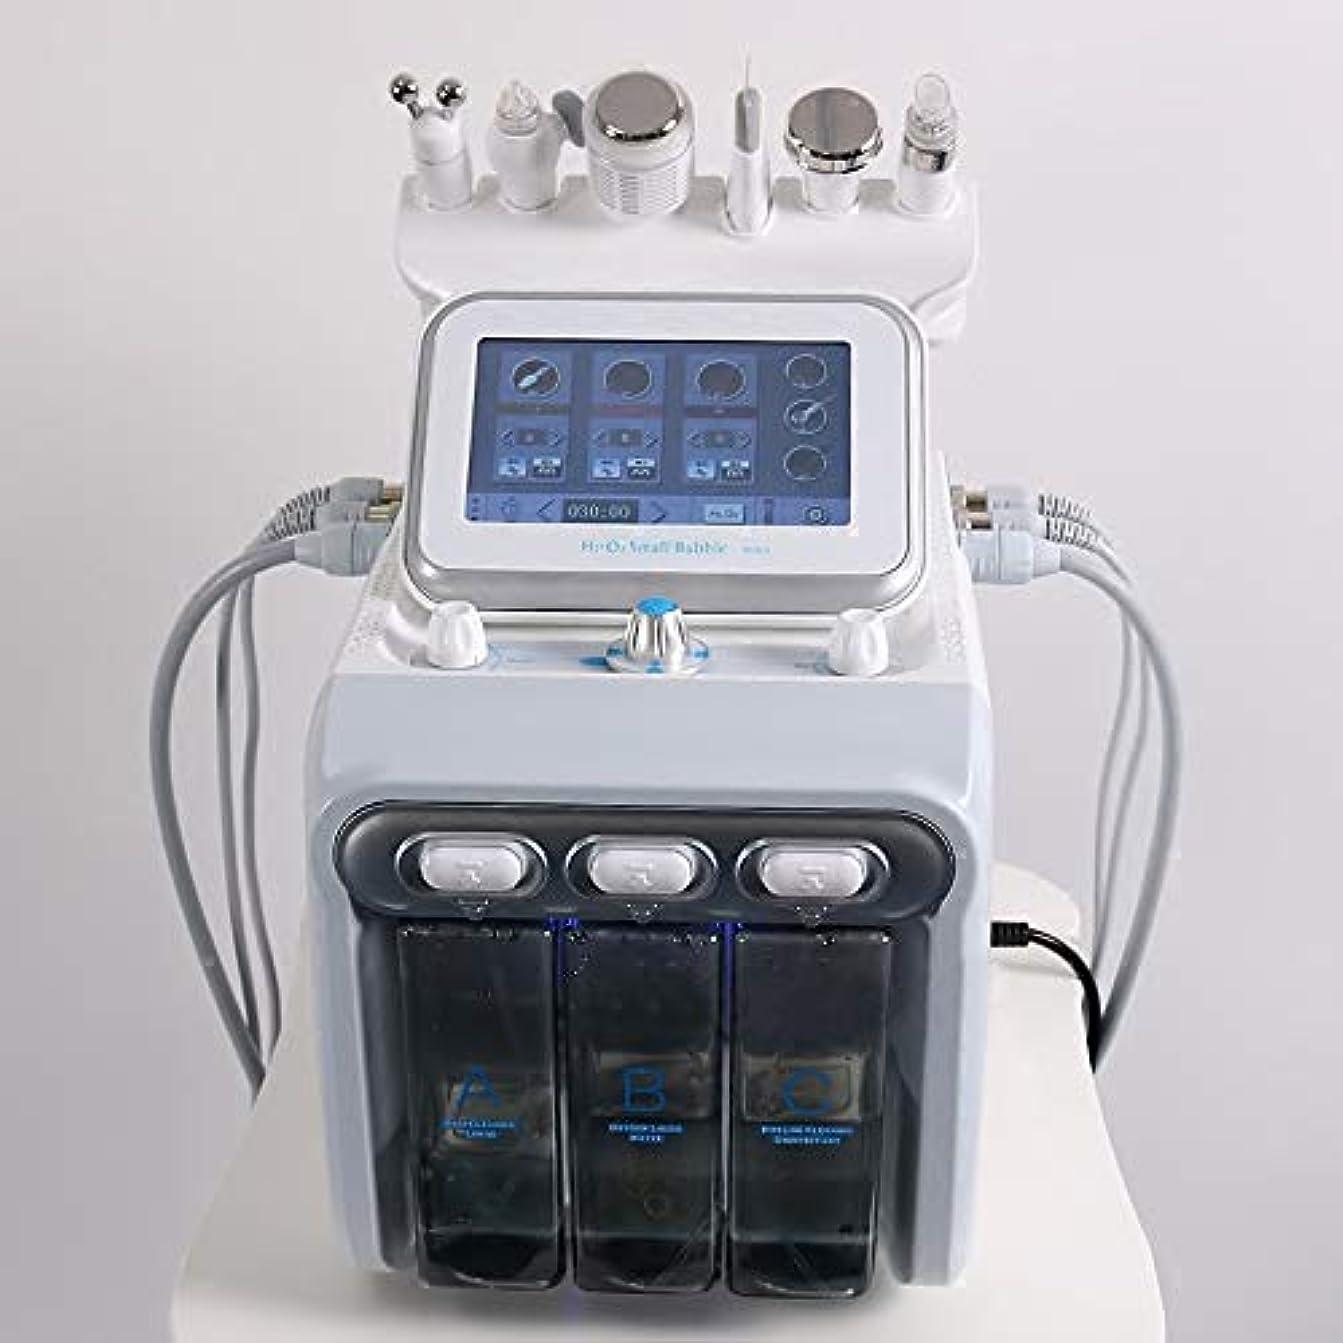 エレメンタル髄住所6 In1 H2-O2ハイドロダーマブレーションRFバイオリフティングスパフェイシャルハイドロマイクロダーマブレーションマシン